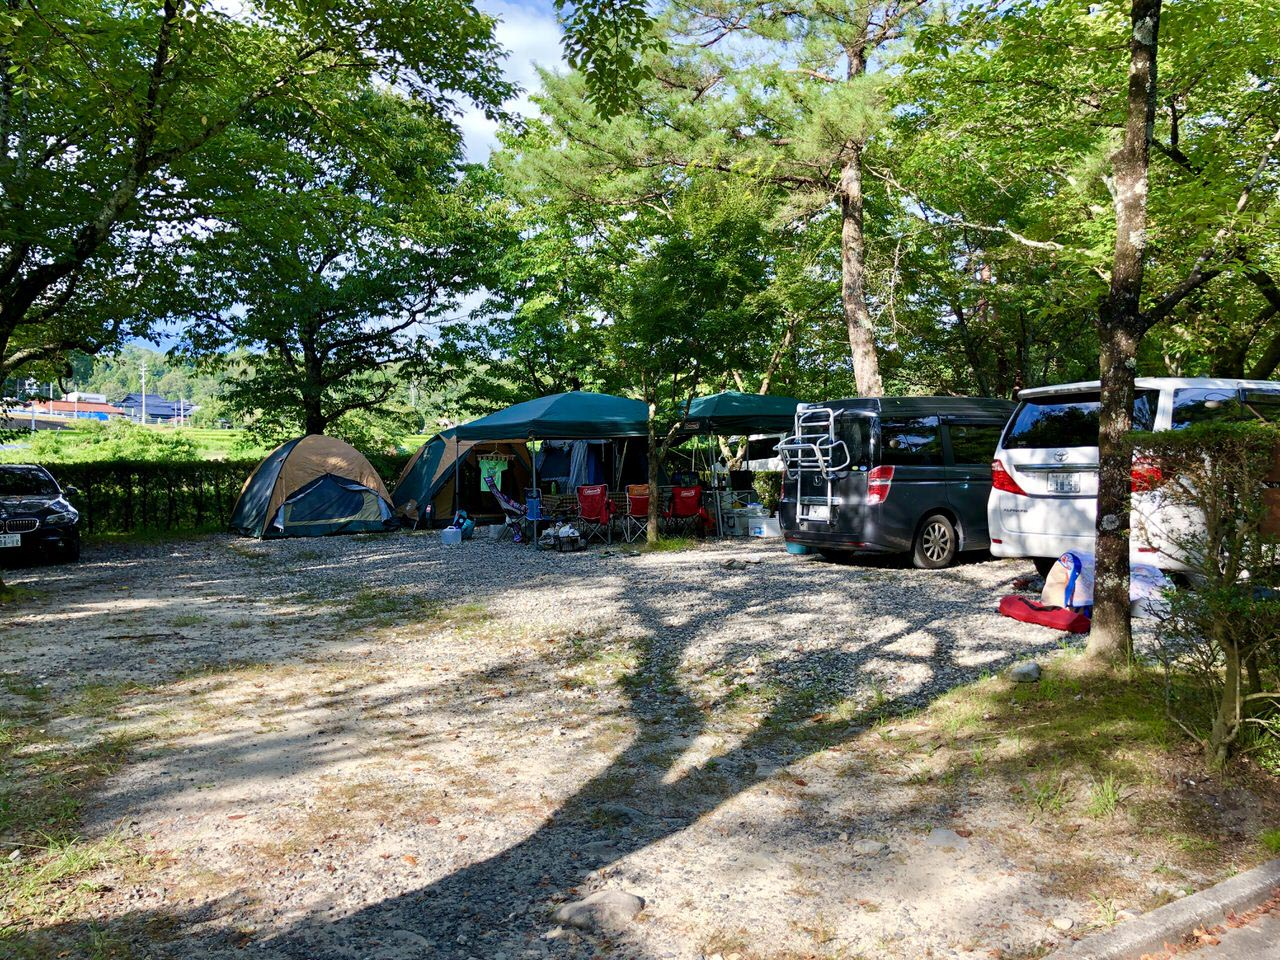 福岡ローマン渓谷オートキャンプ場のテントサイト